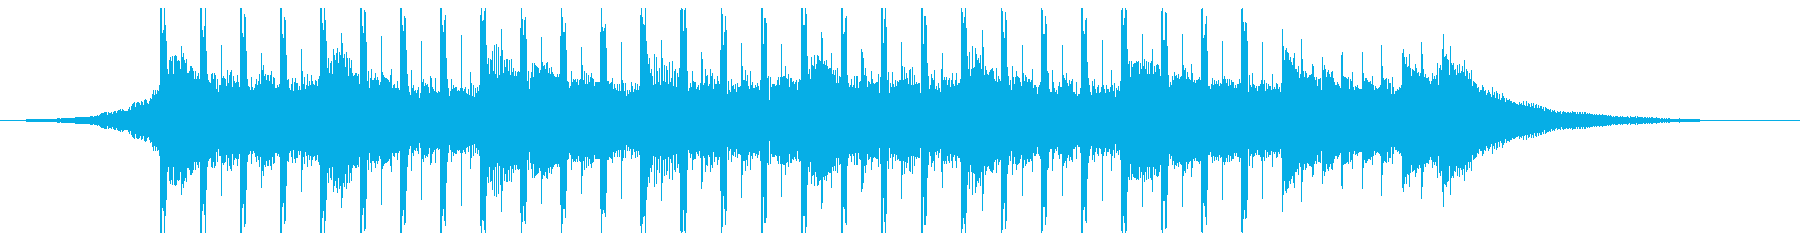 コーポレート・アップビート(ショート3)の再生済みの波形